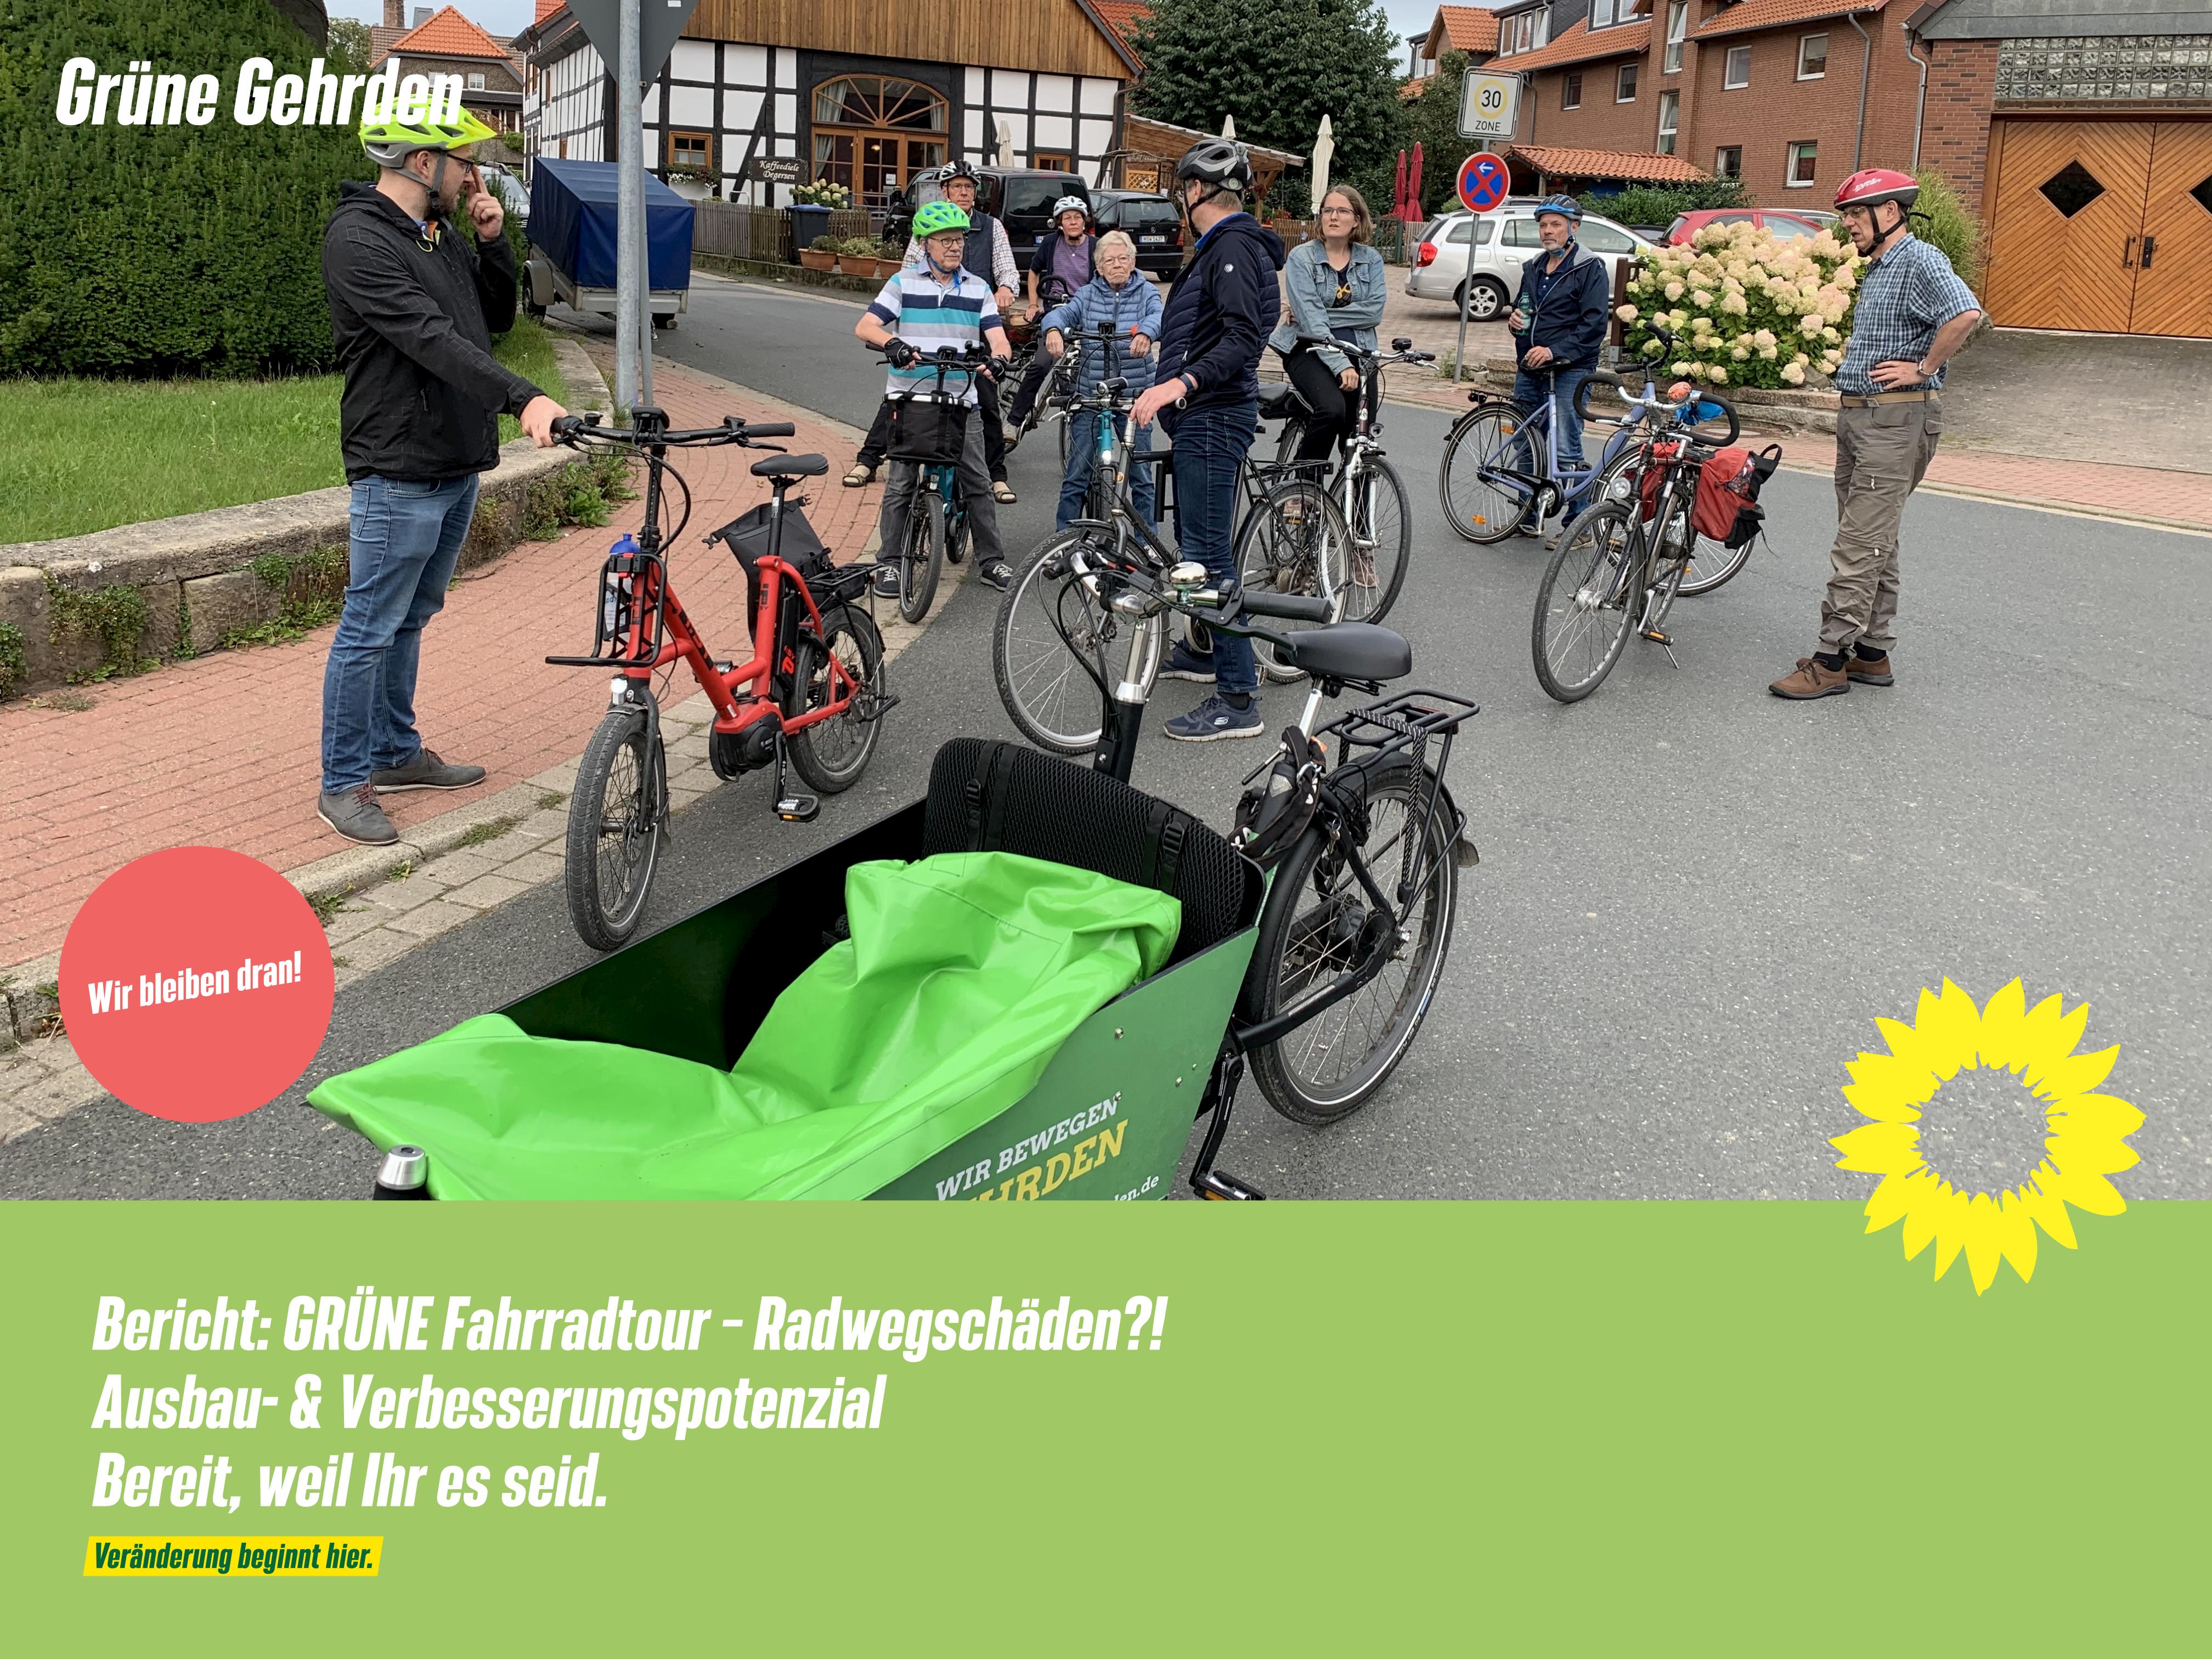 Bericht: GRÜNE Fahrradtour – Radwegschäden?! – Ausbau- & Verbesserungspotenzial